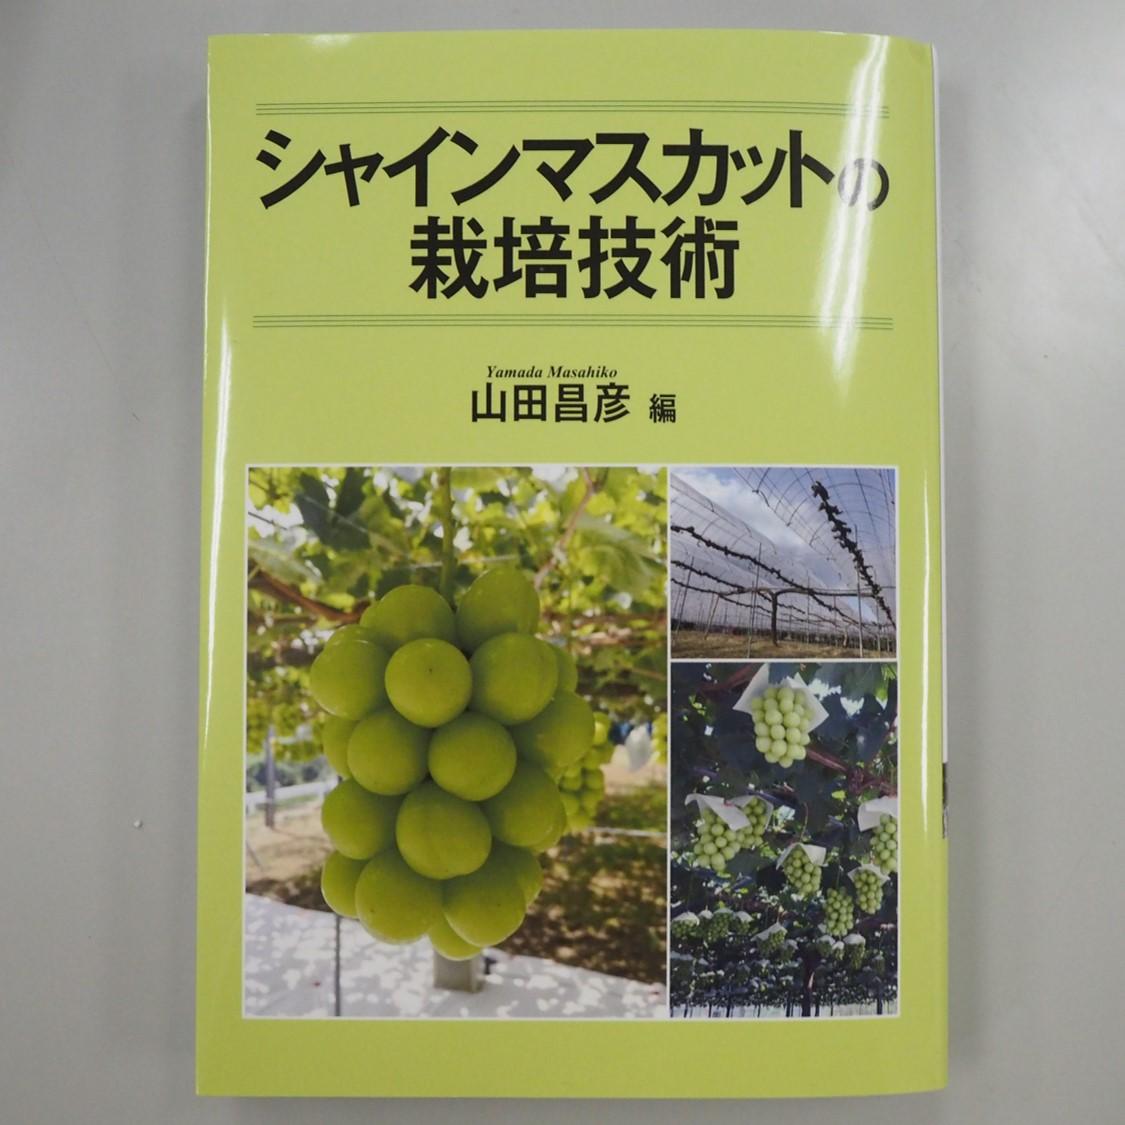 山田昌彦教授の「シャインマスカットの栽培技術」が出版されまし…